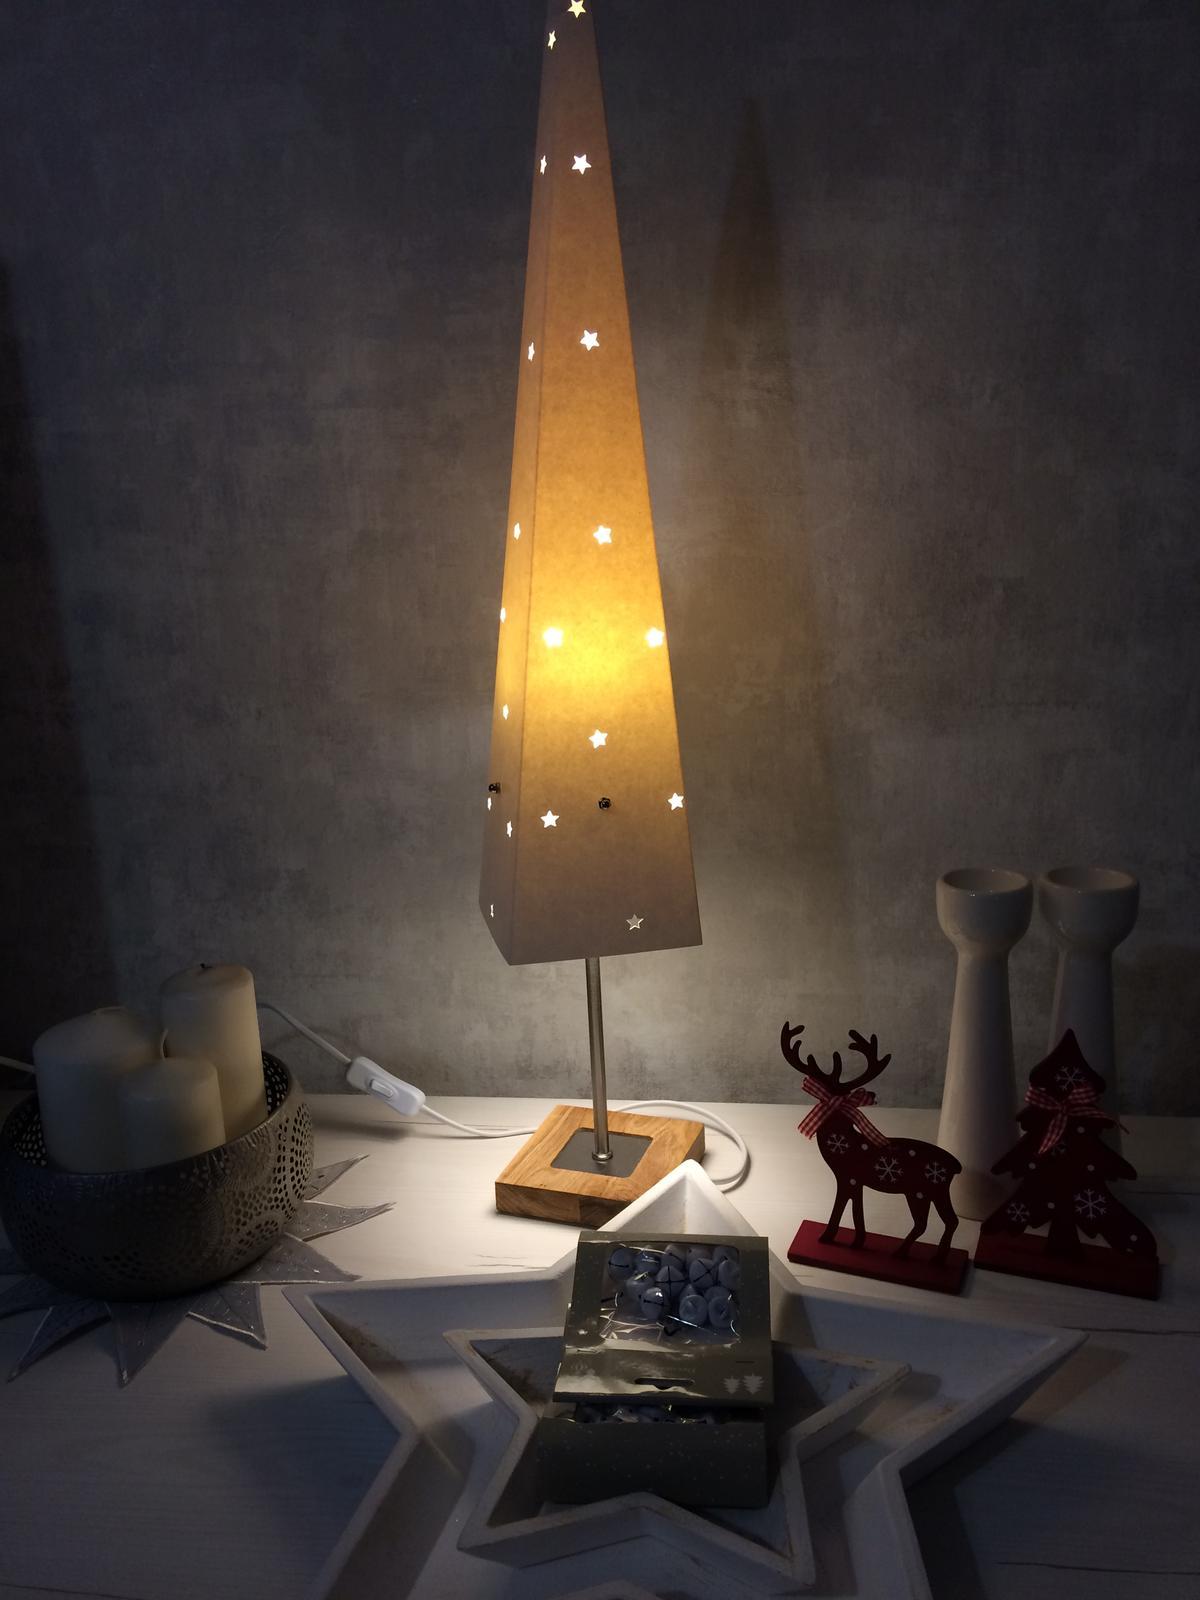 Vianočné ozdoby - papierový stromček